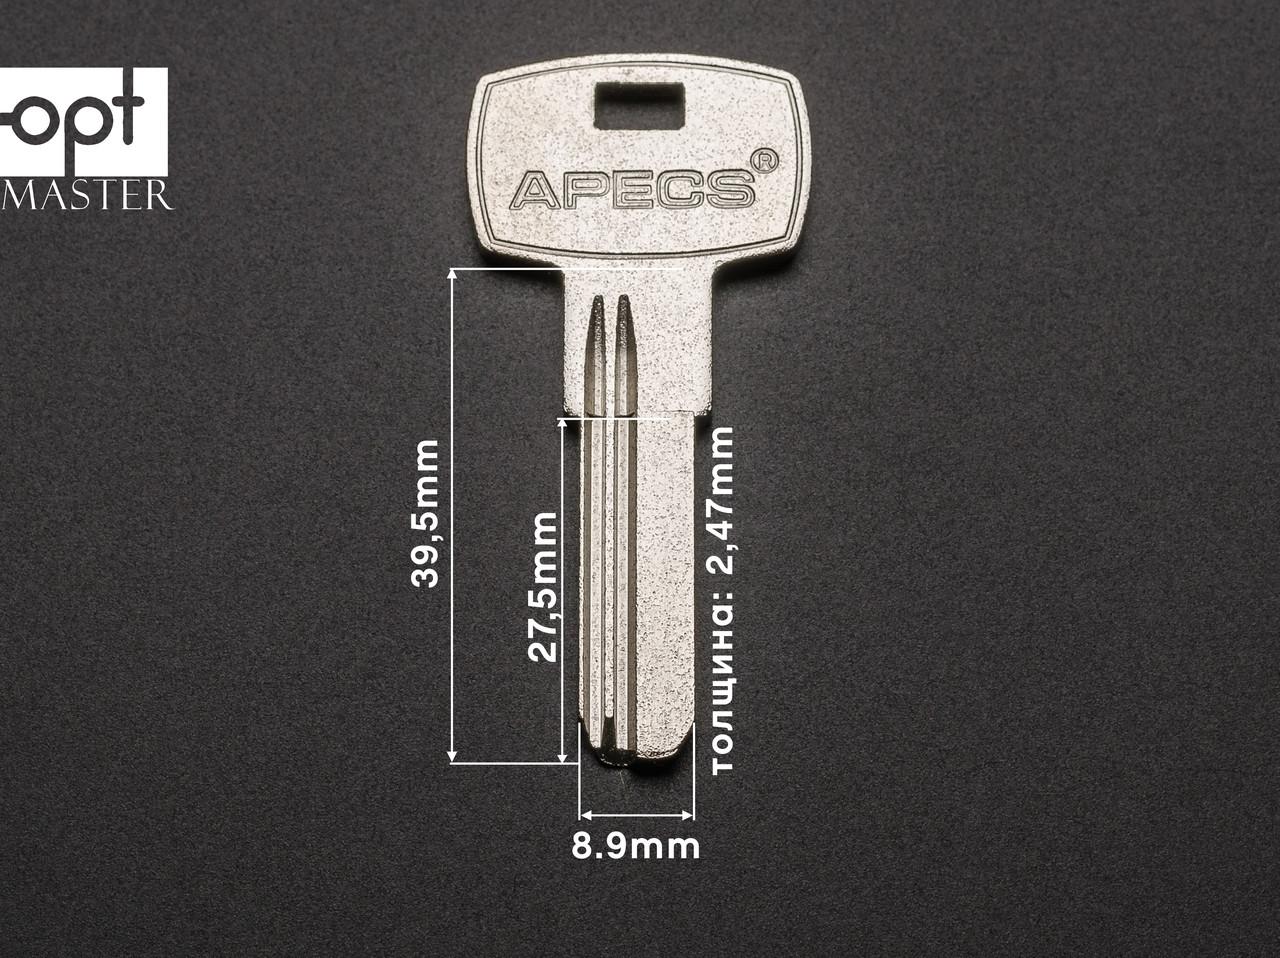 APECS под бронь (латунь) заготовка ключей